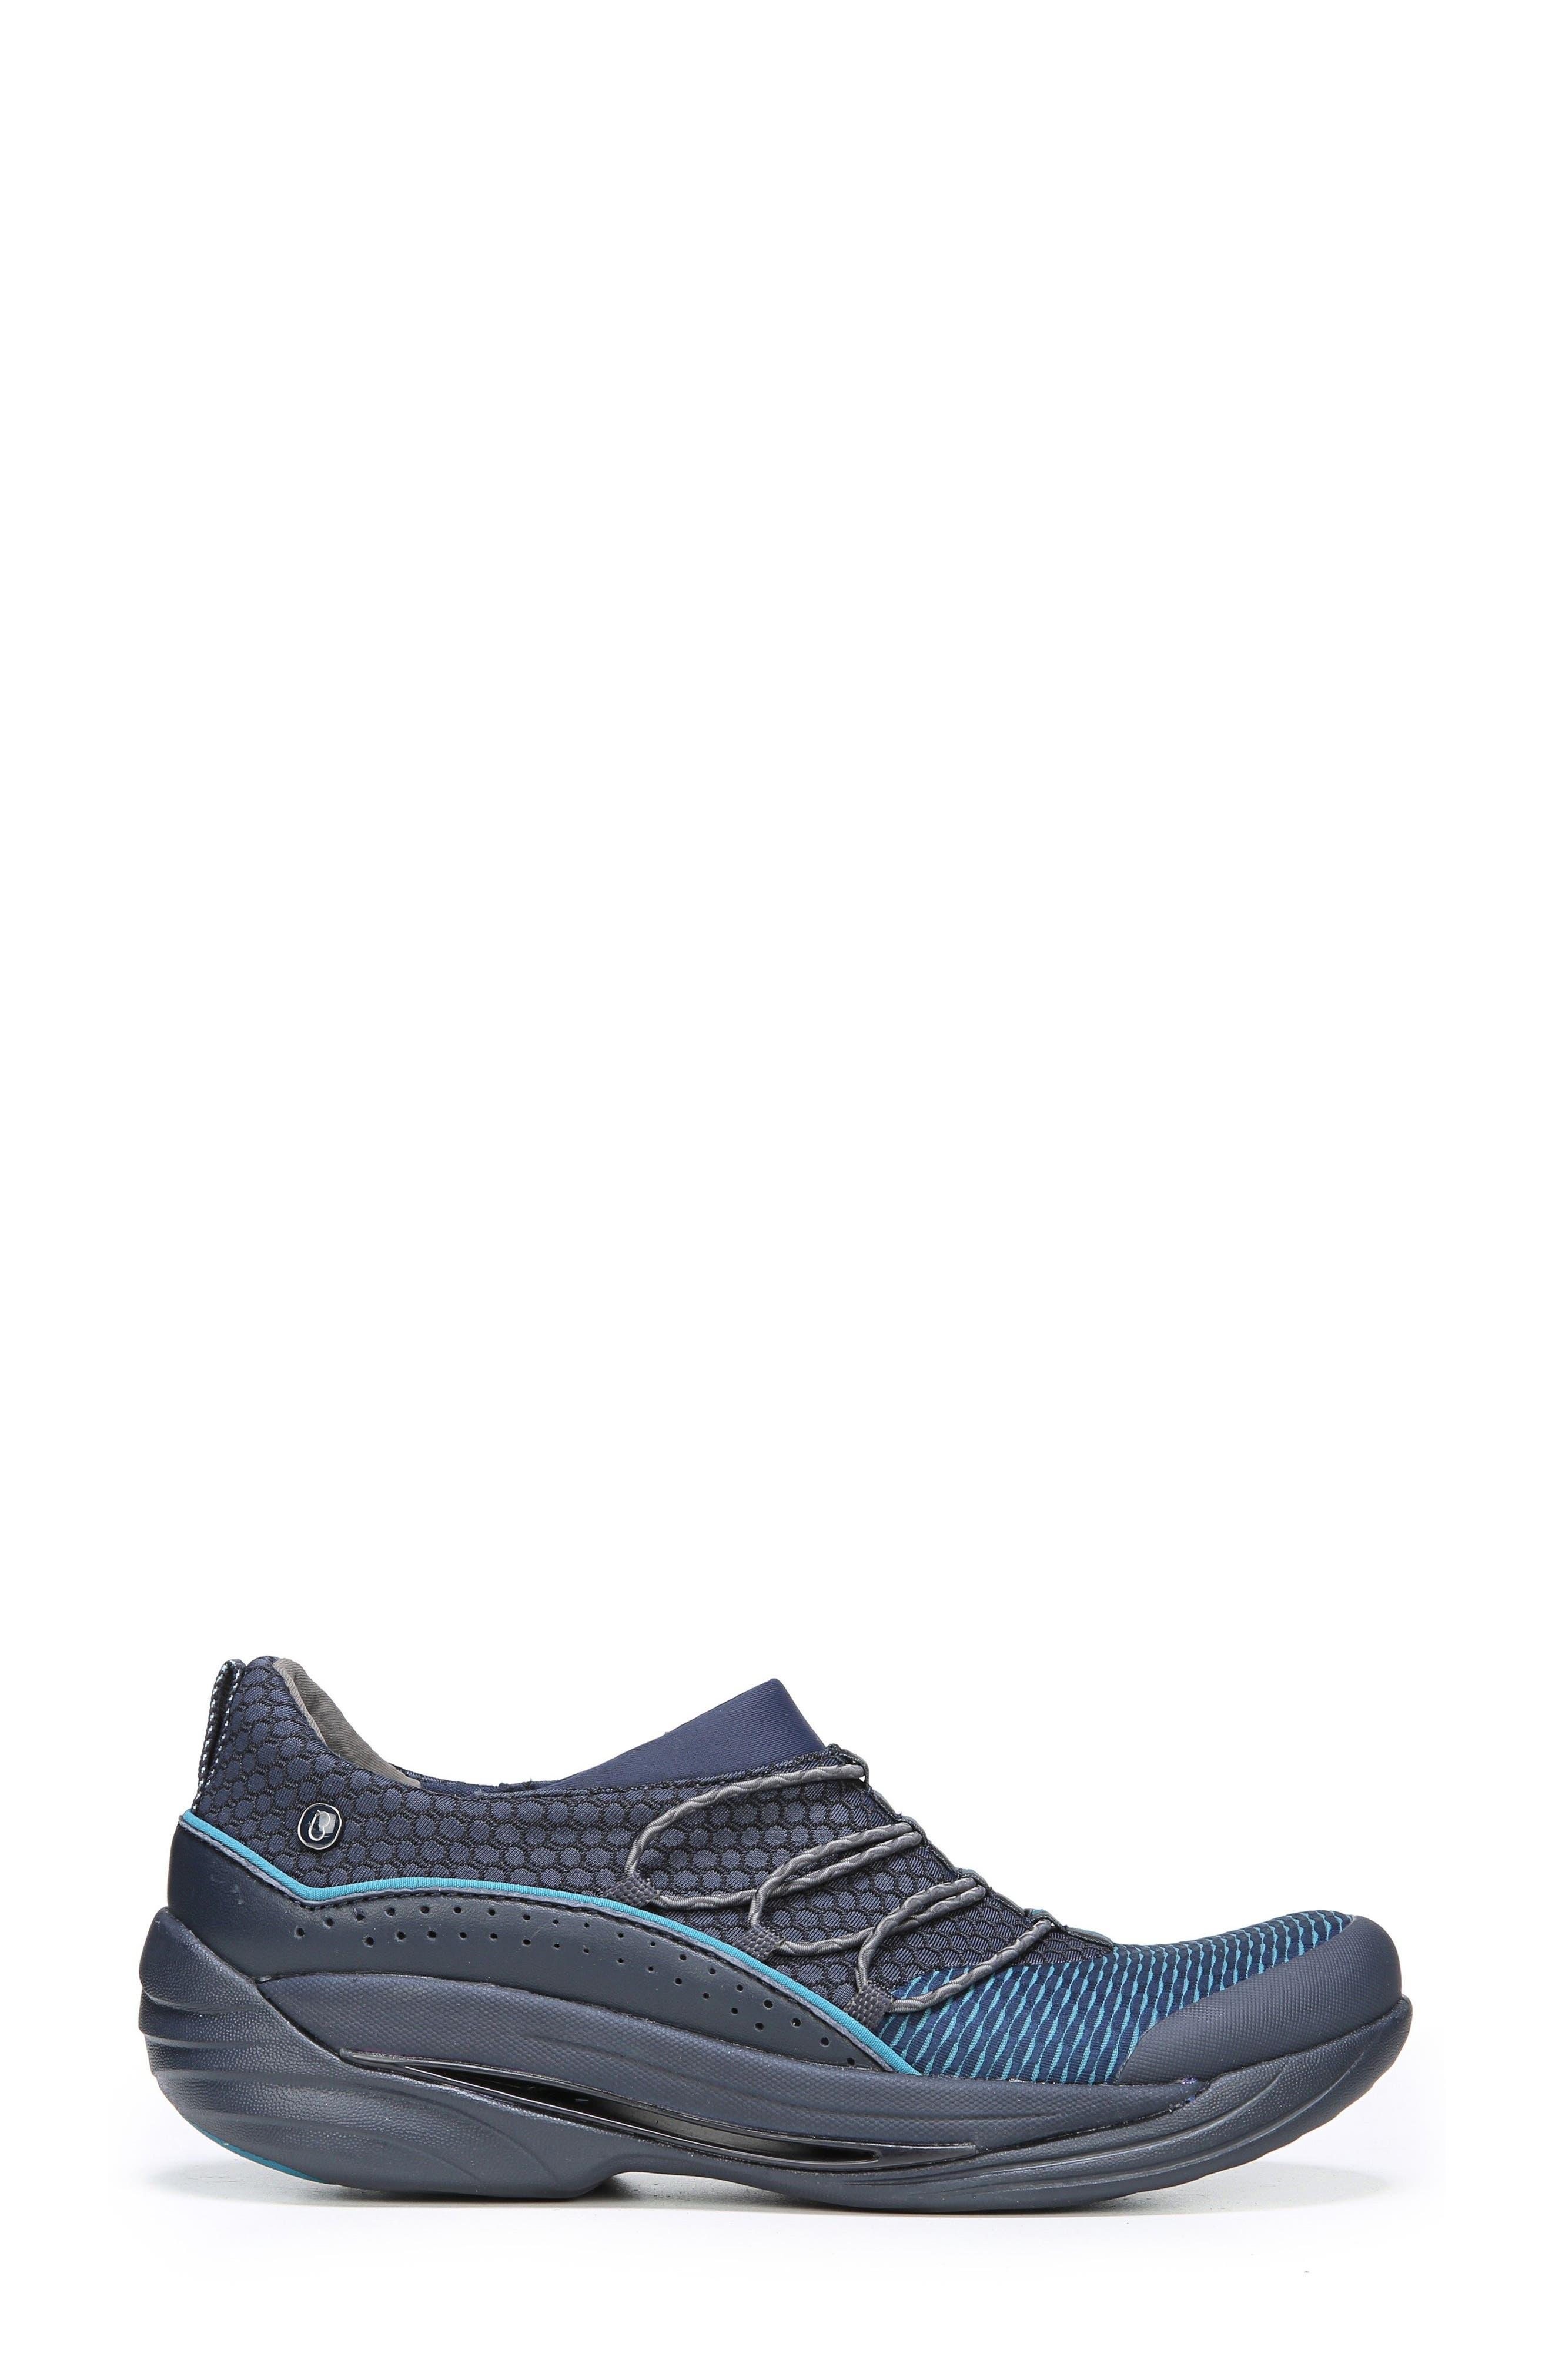 Pisces Slip-On Sneaker,                             Alternate thumbnail 3, color,                             NAVY